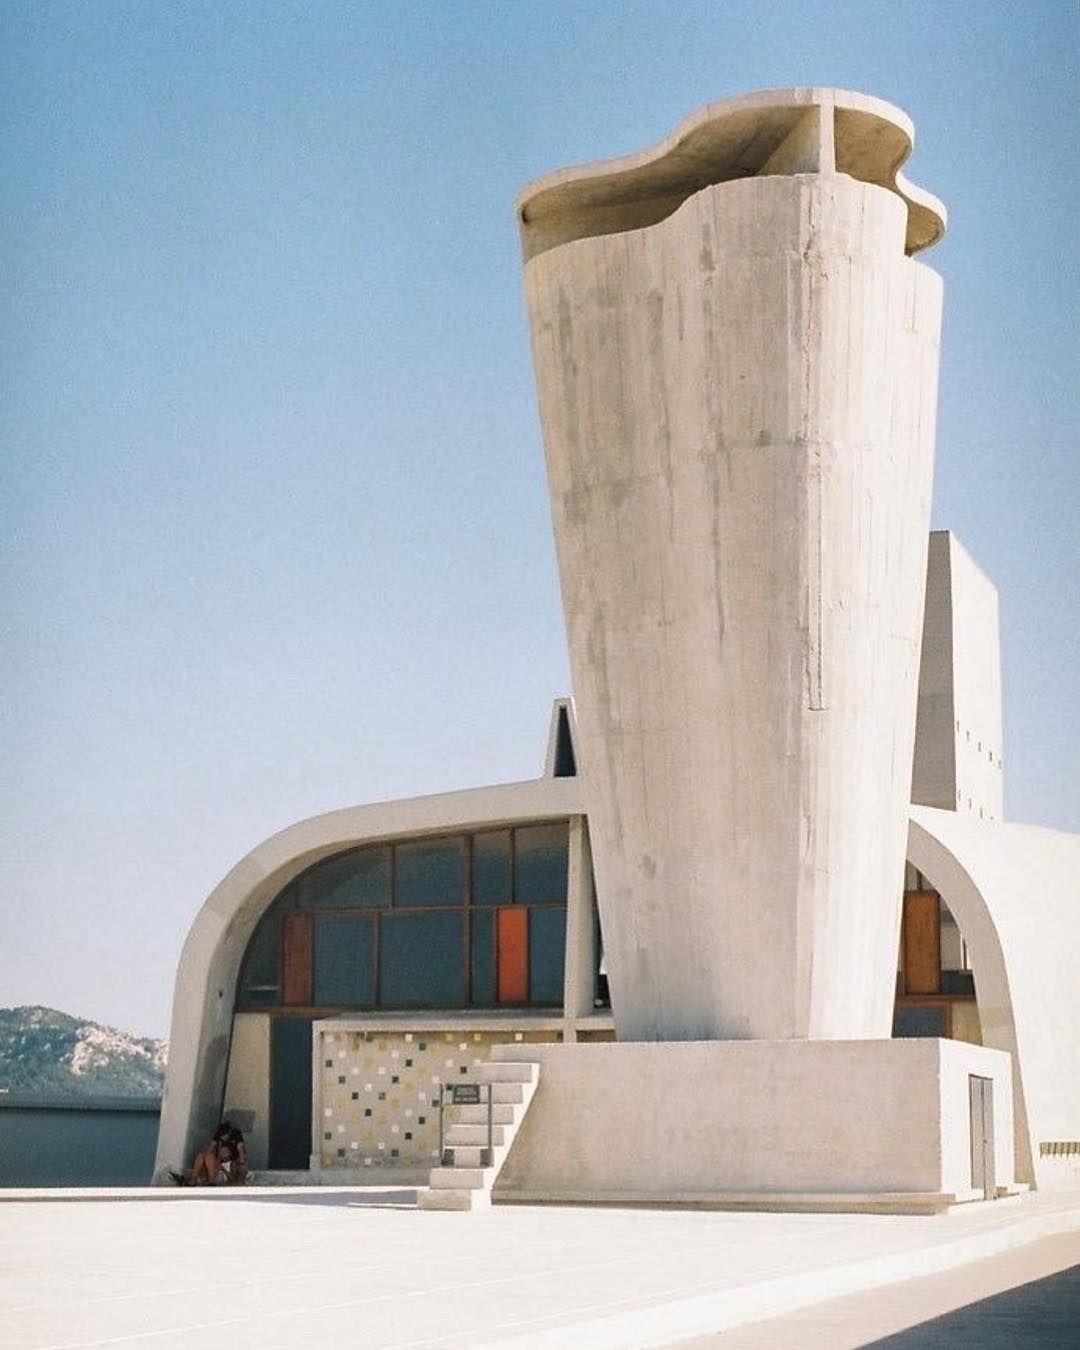 Le Corbusier Unite D Habitation le corbusier, unité d' habitation, marseille, france, 1947